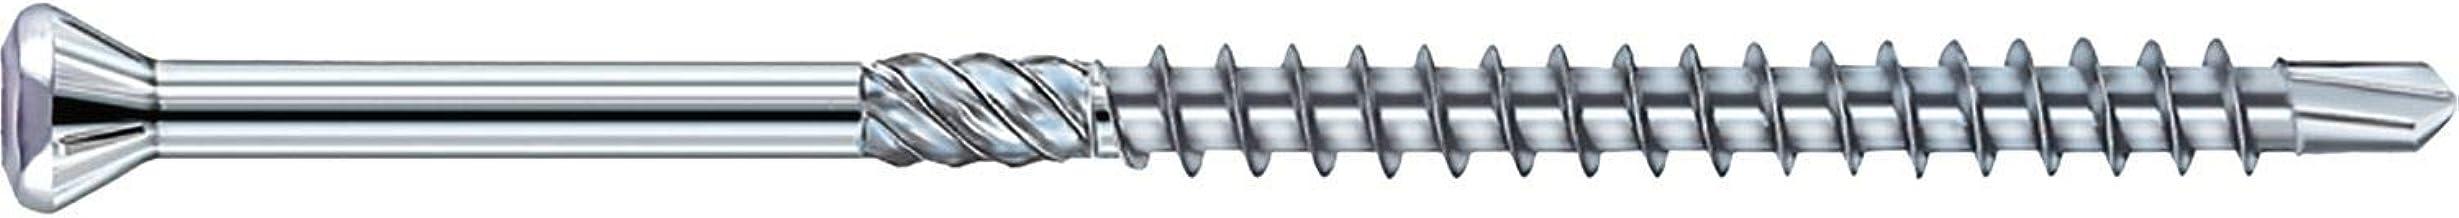 EUROTEC 110289 houtboorschroef Torx 10 met sierkop, 3,2 x 30 mm, verzinktblauw, 1000 stuks